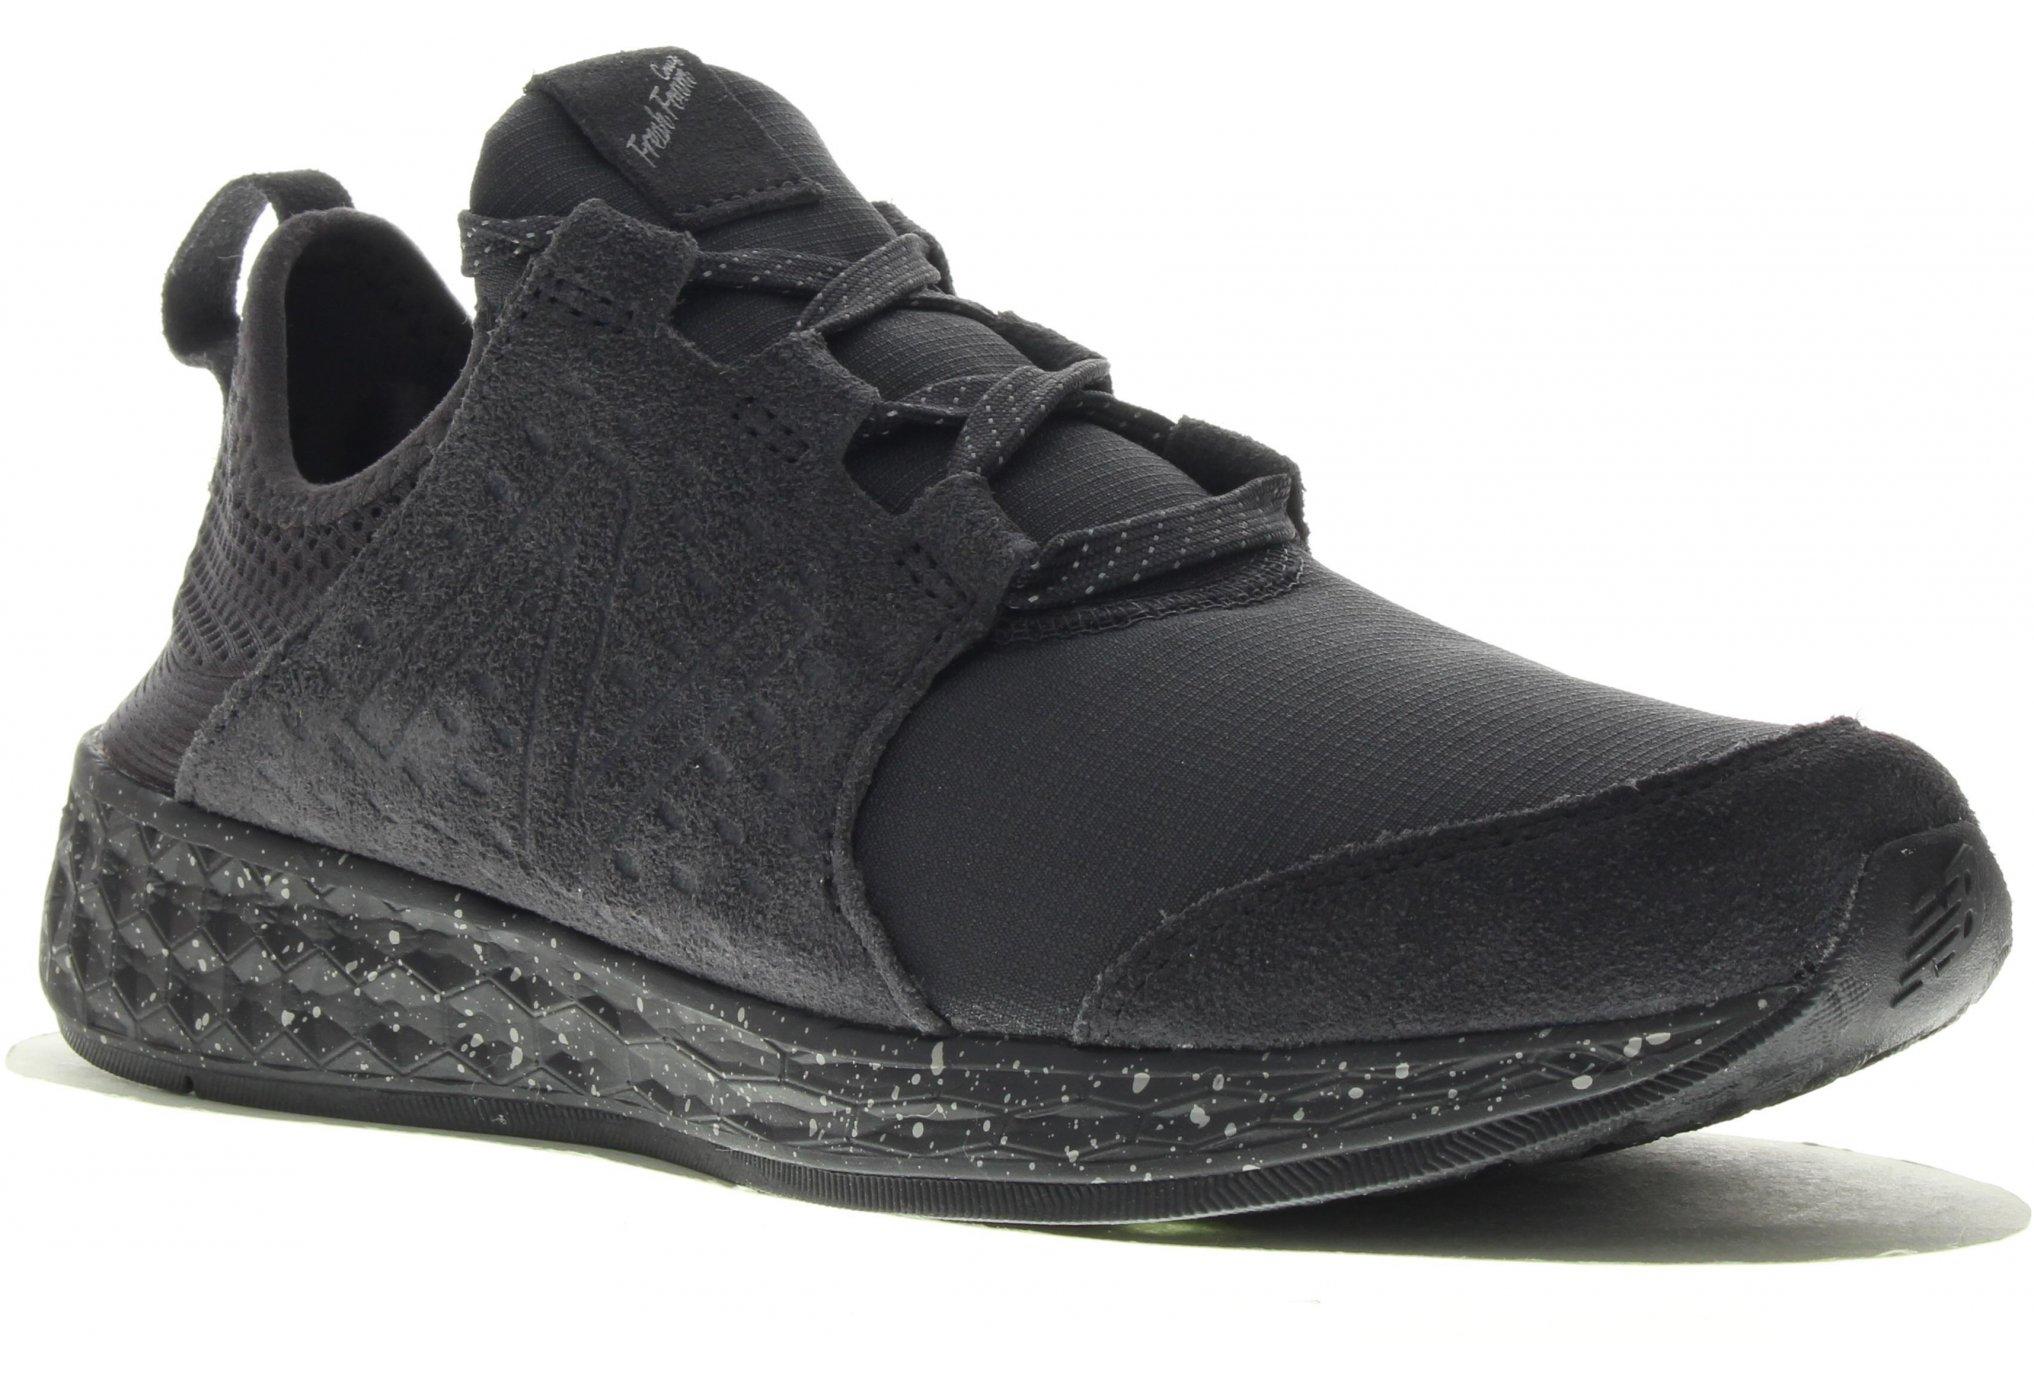 New Balance Fresh Foam Cruz W Diététique Chaussures femme